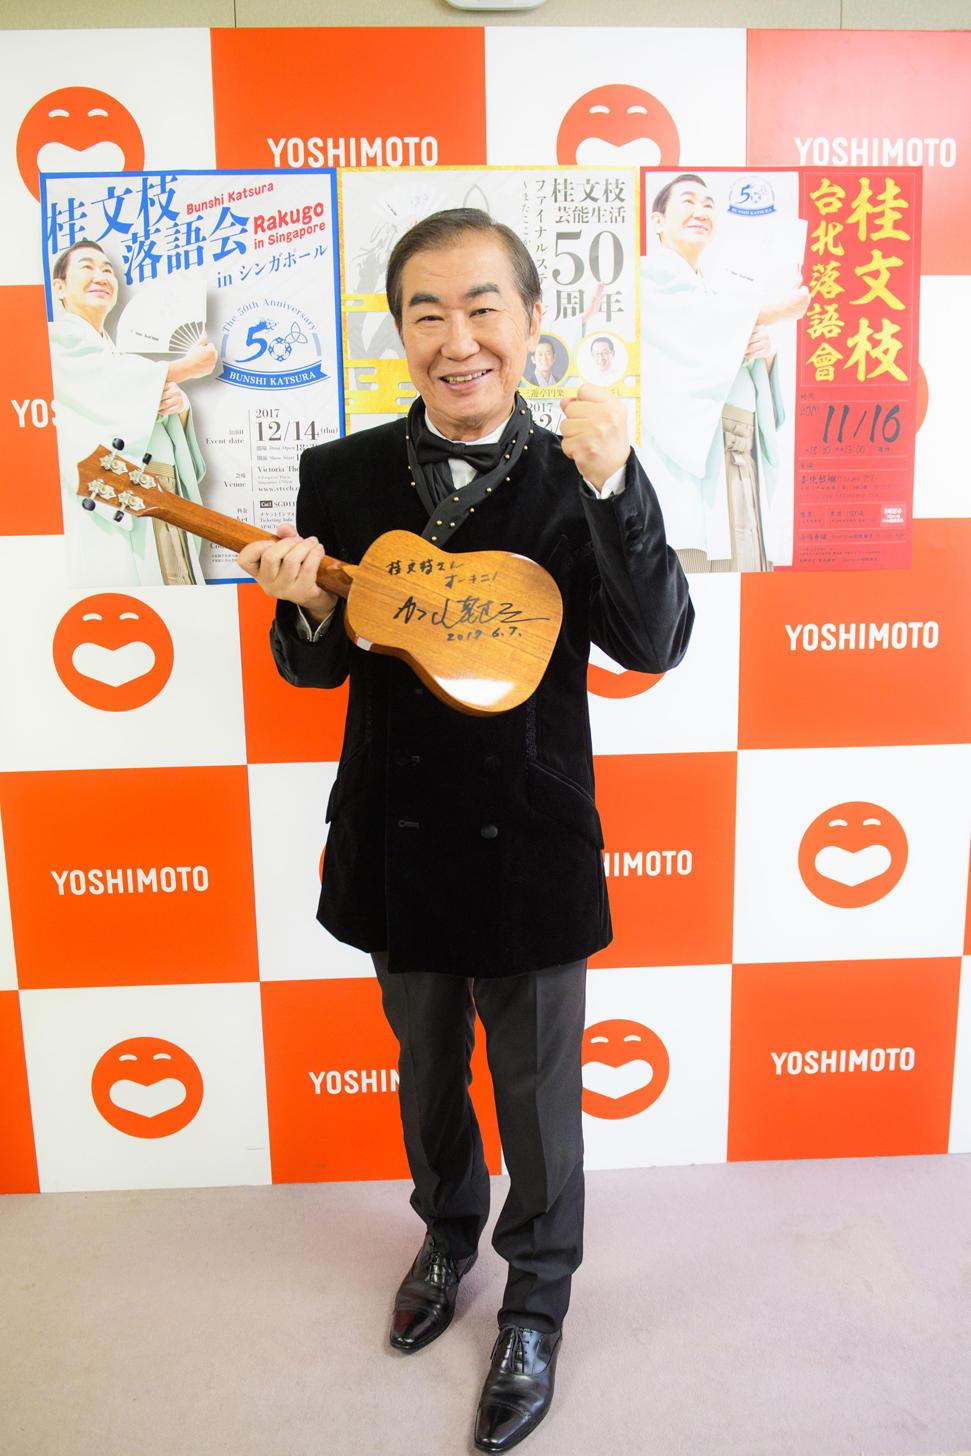 http://news.yoshimoto.co.jp/20171109172507-5fb27249bf049b9711071b8a06f0553cfeb5c0ce.jpg